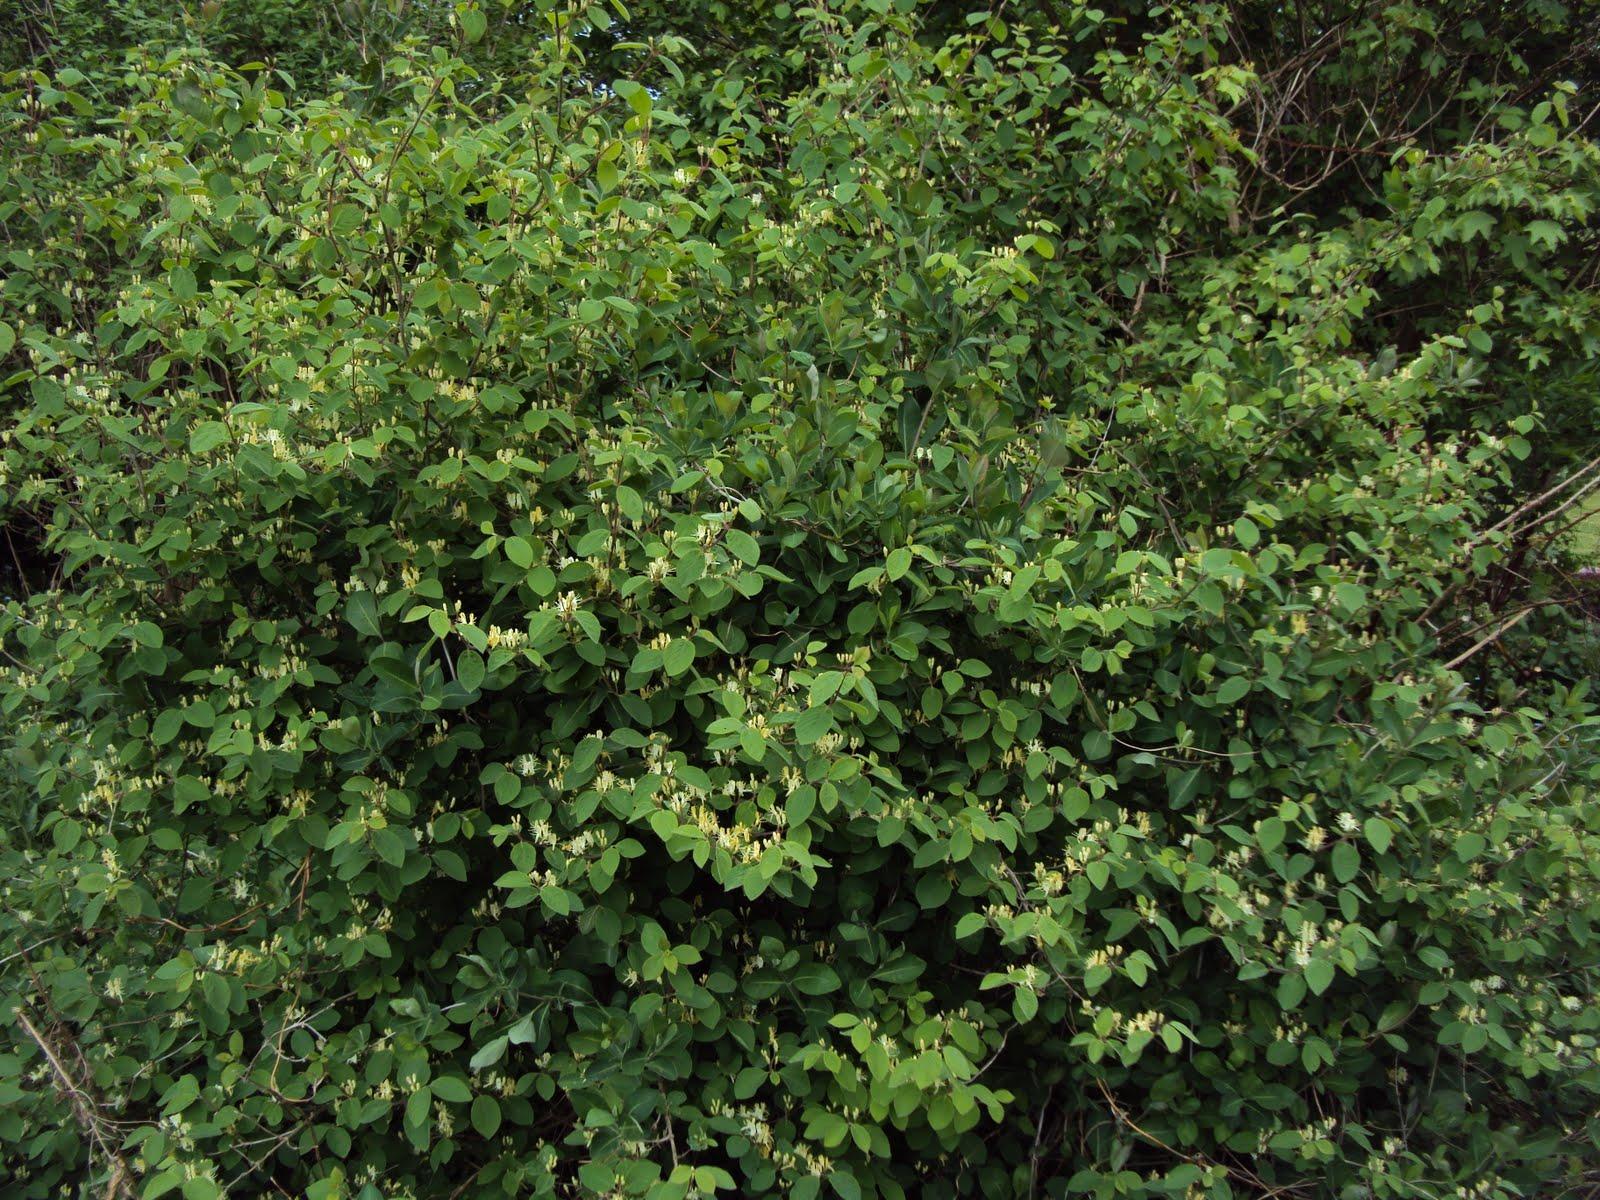 gedeblad busk